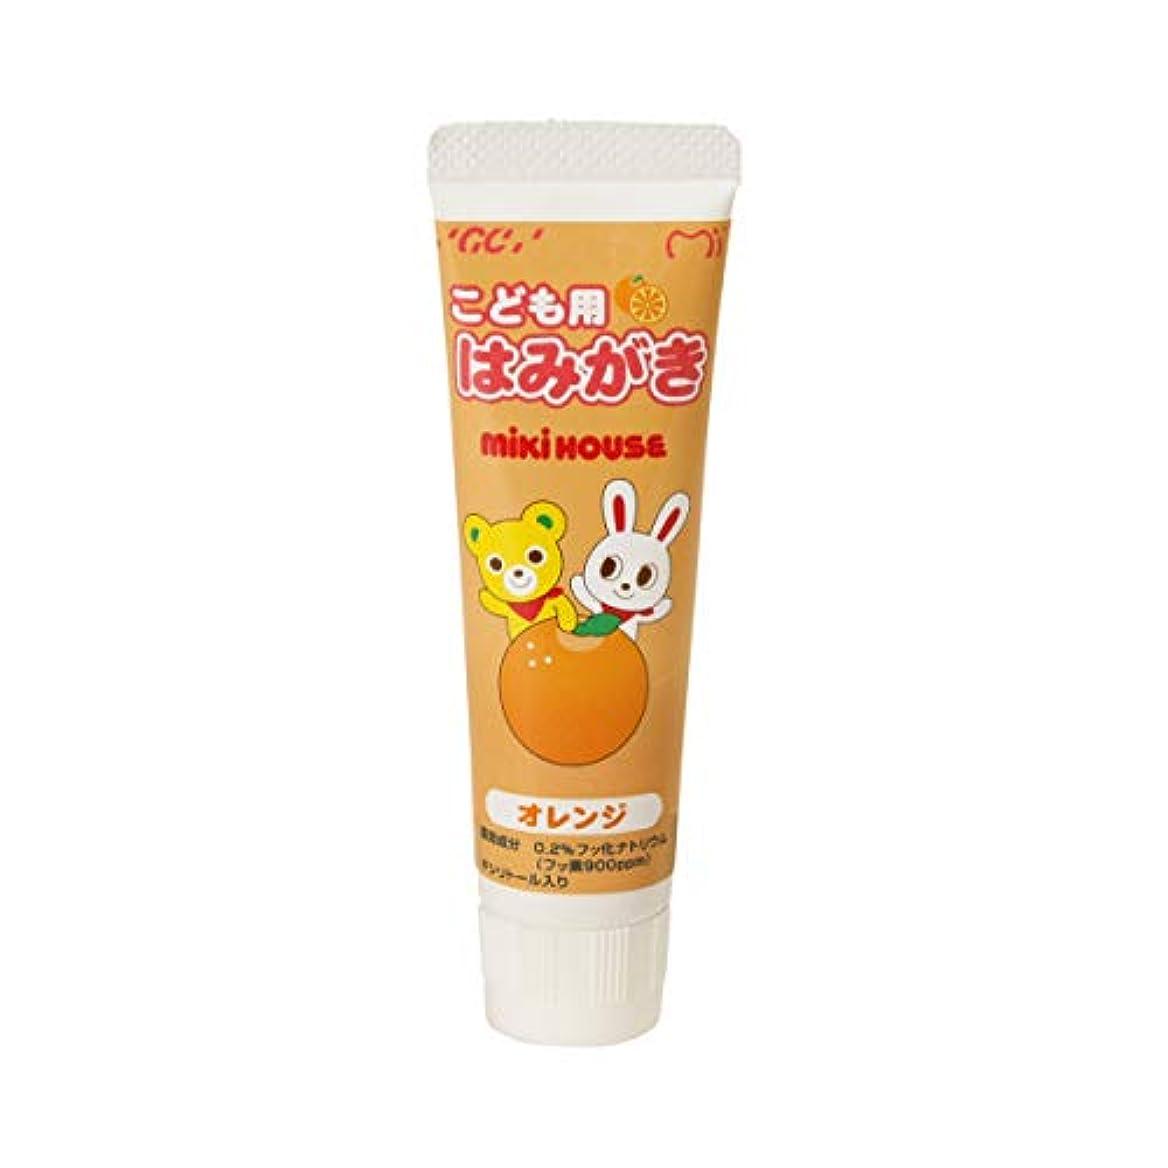 男やもめパット銛ミキハウス (MIKIHOUSE) 歯みがき 15-4065-676 - オレンジ